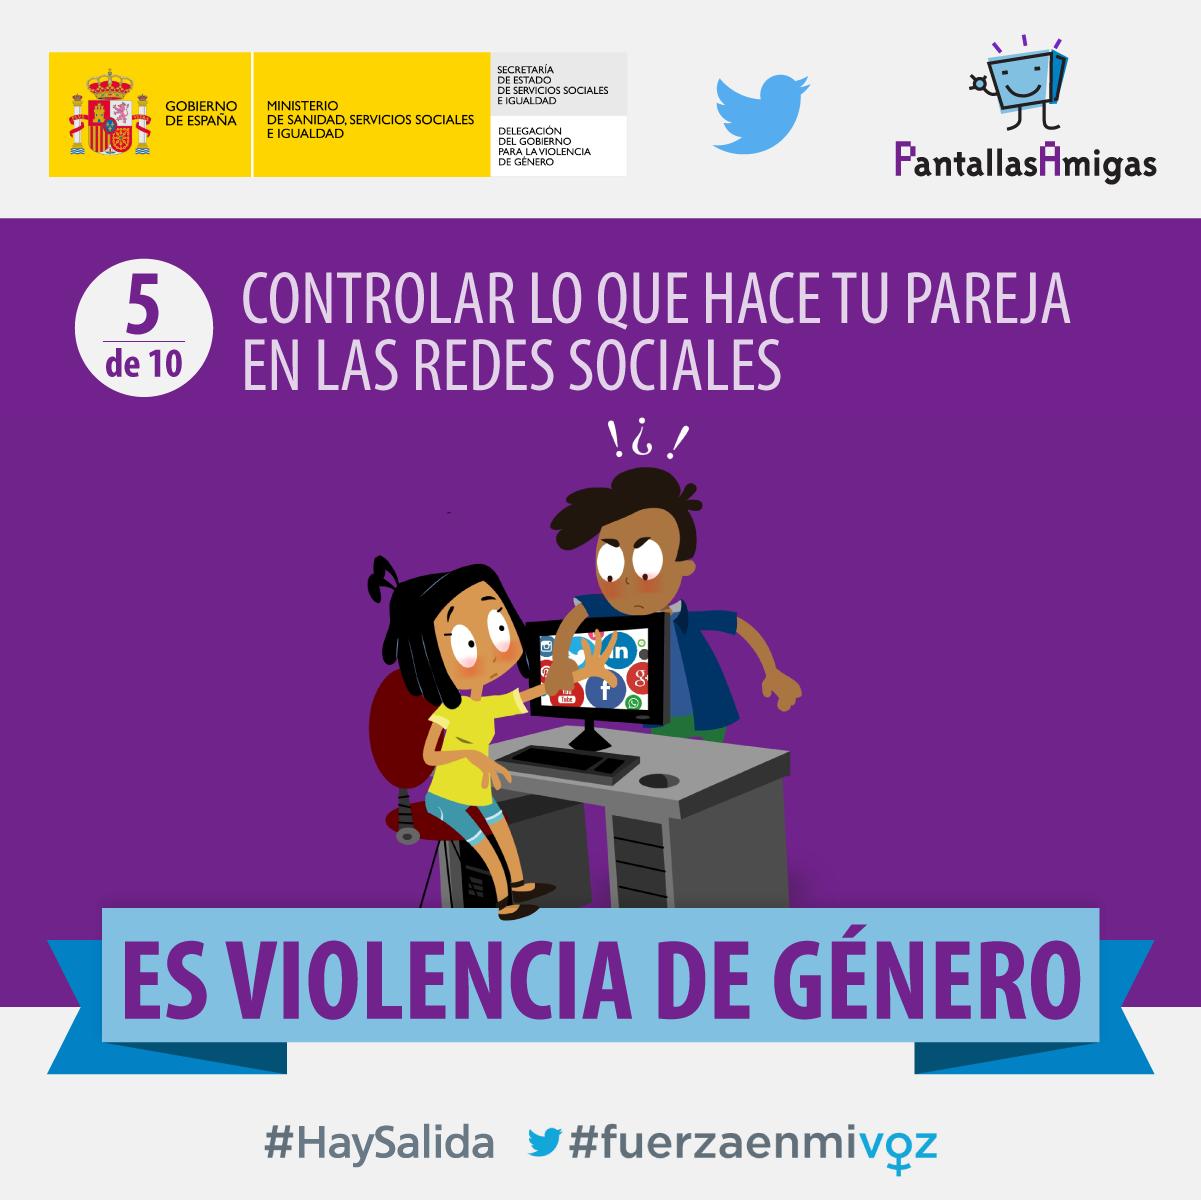 10-FORMAS-VIOLENCIA-DE-GÉNERO-DIGITAL_05_10_Controlar